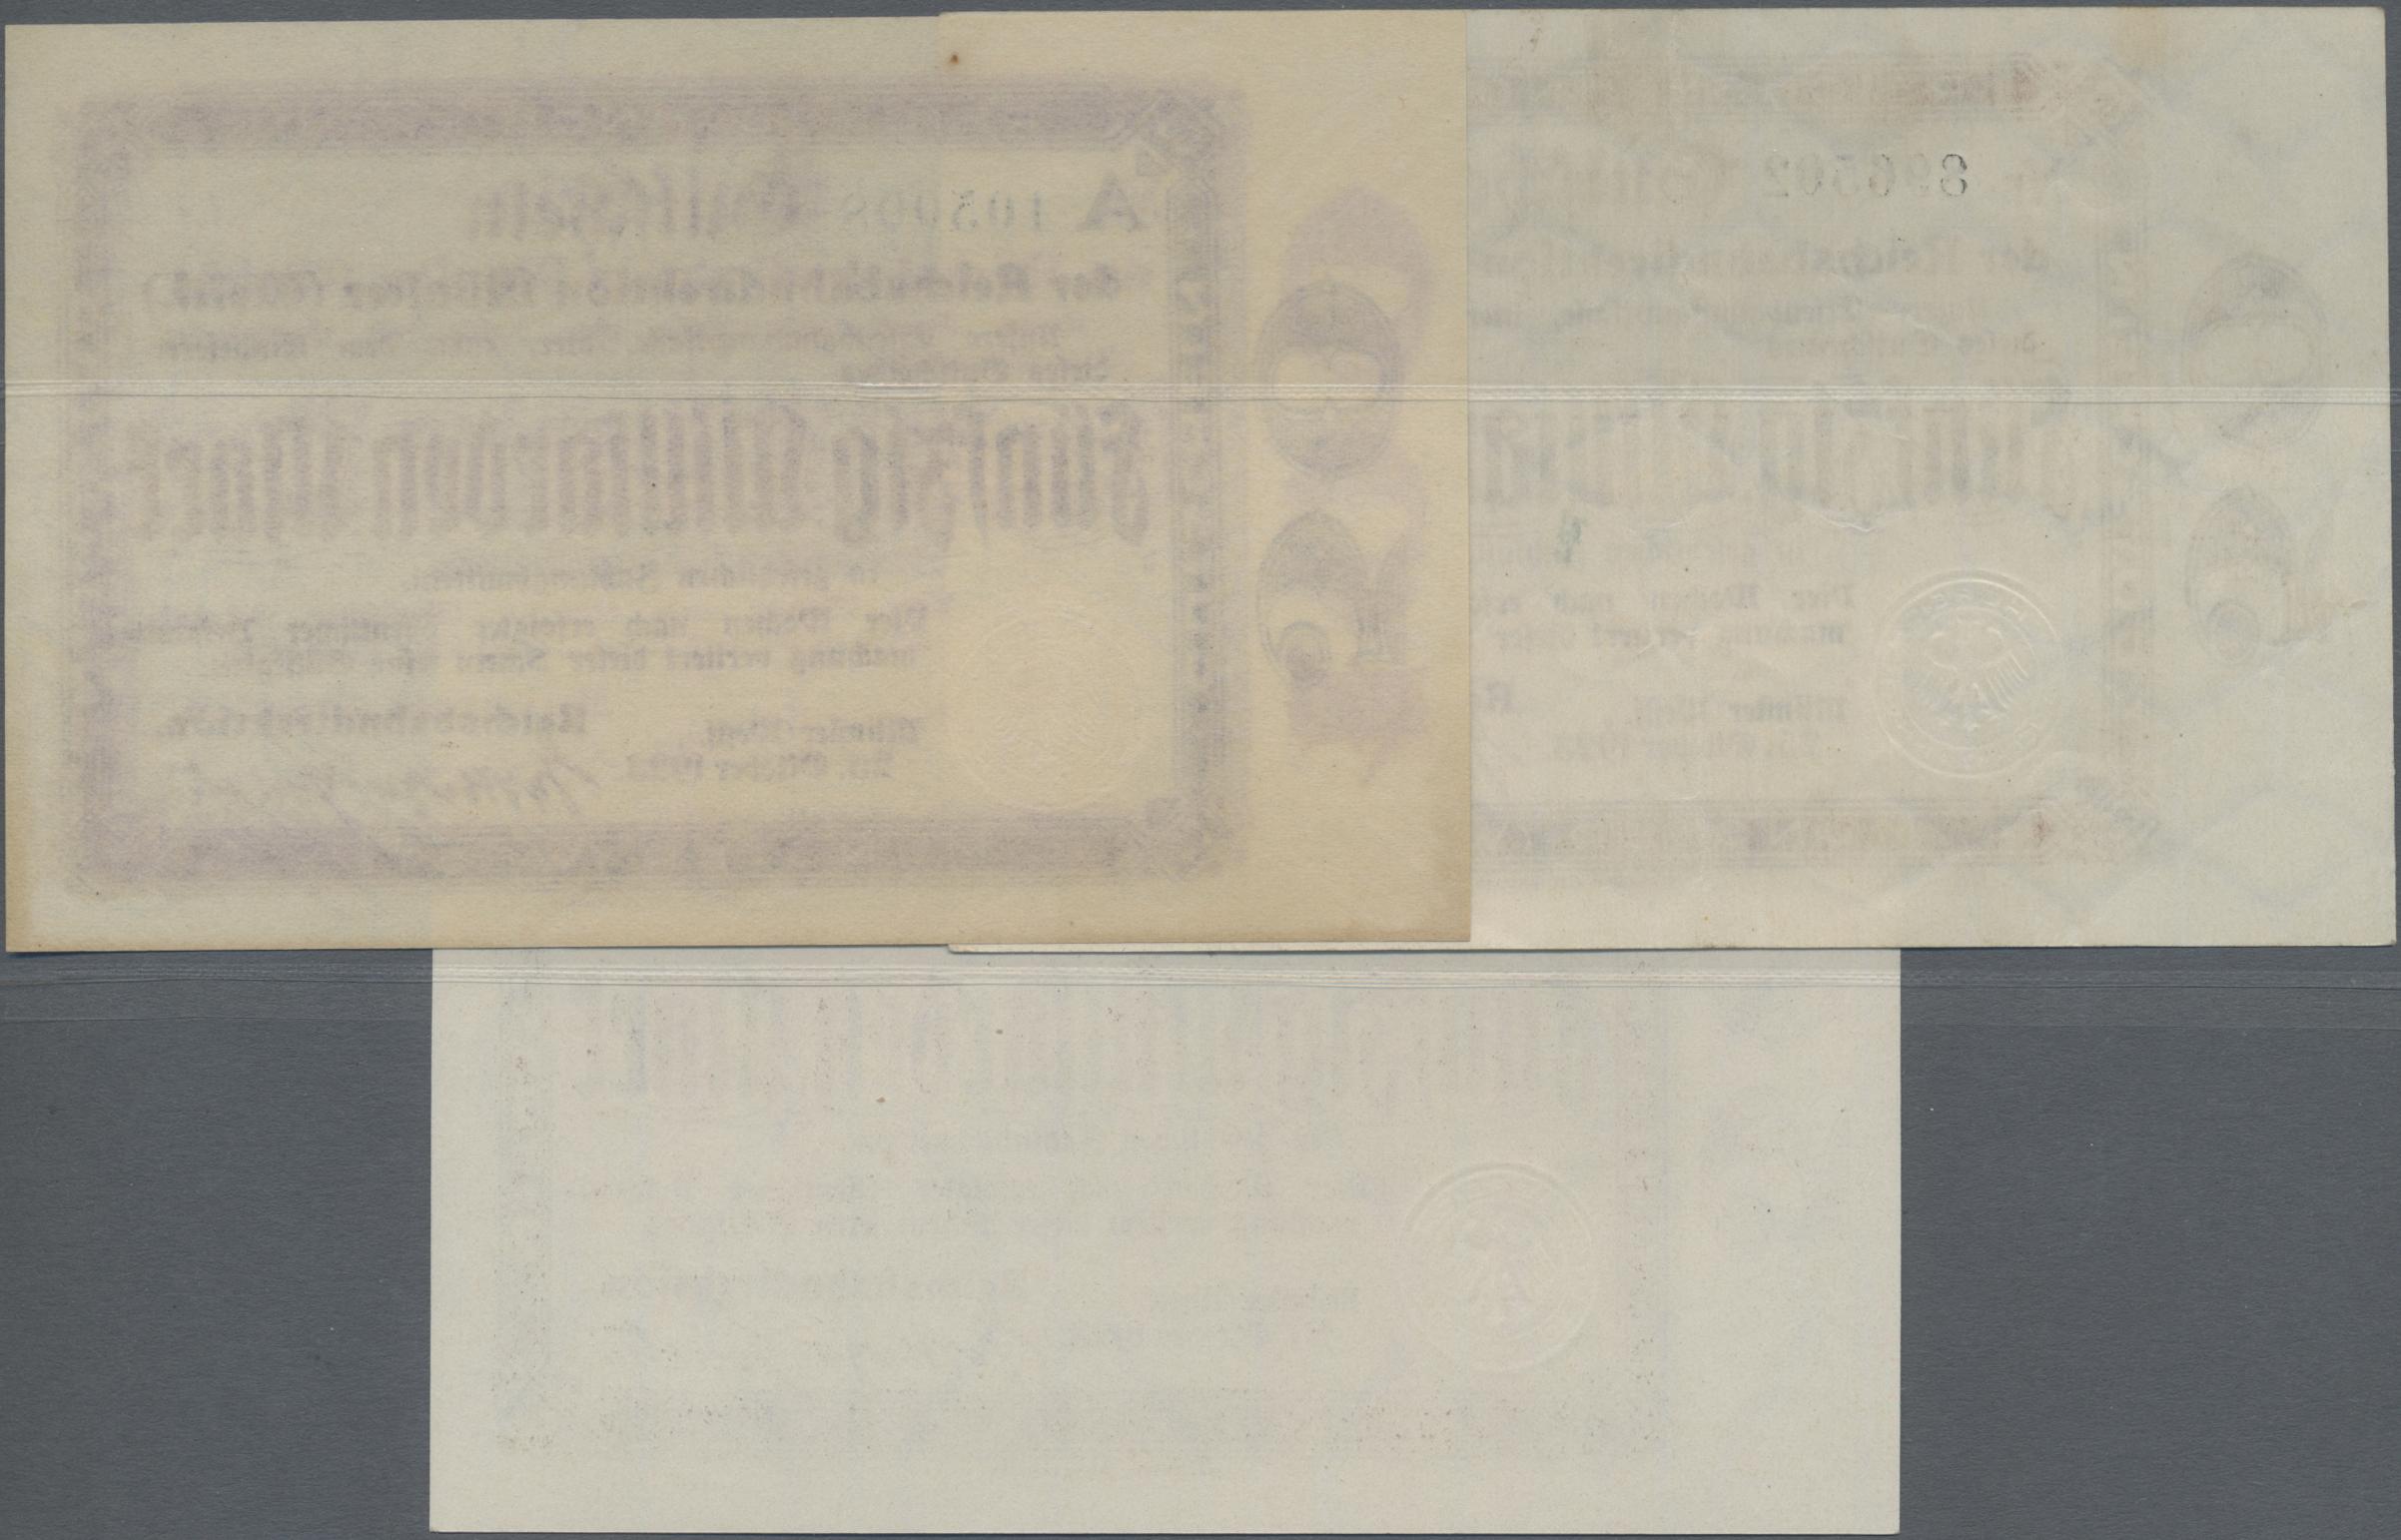 Lot 01410 - Deutschland - Reichsbahn / Reichspost | Banknoten  -  Auktionshaus Christoph Gärtner GmbH & Co. KG Sale #48 The Banknotes